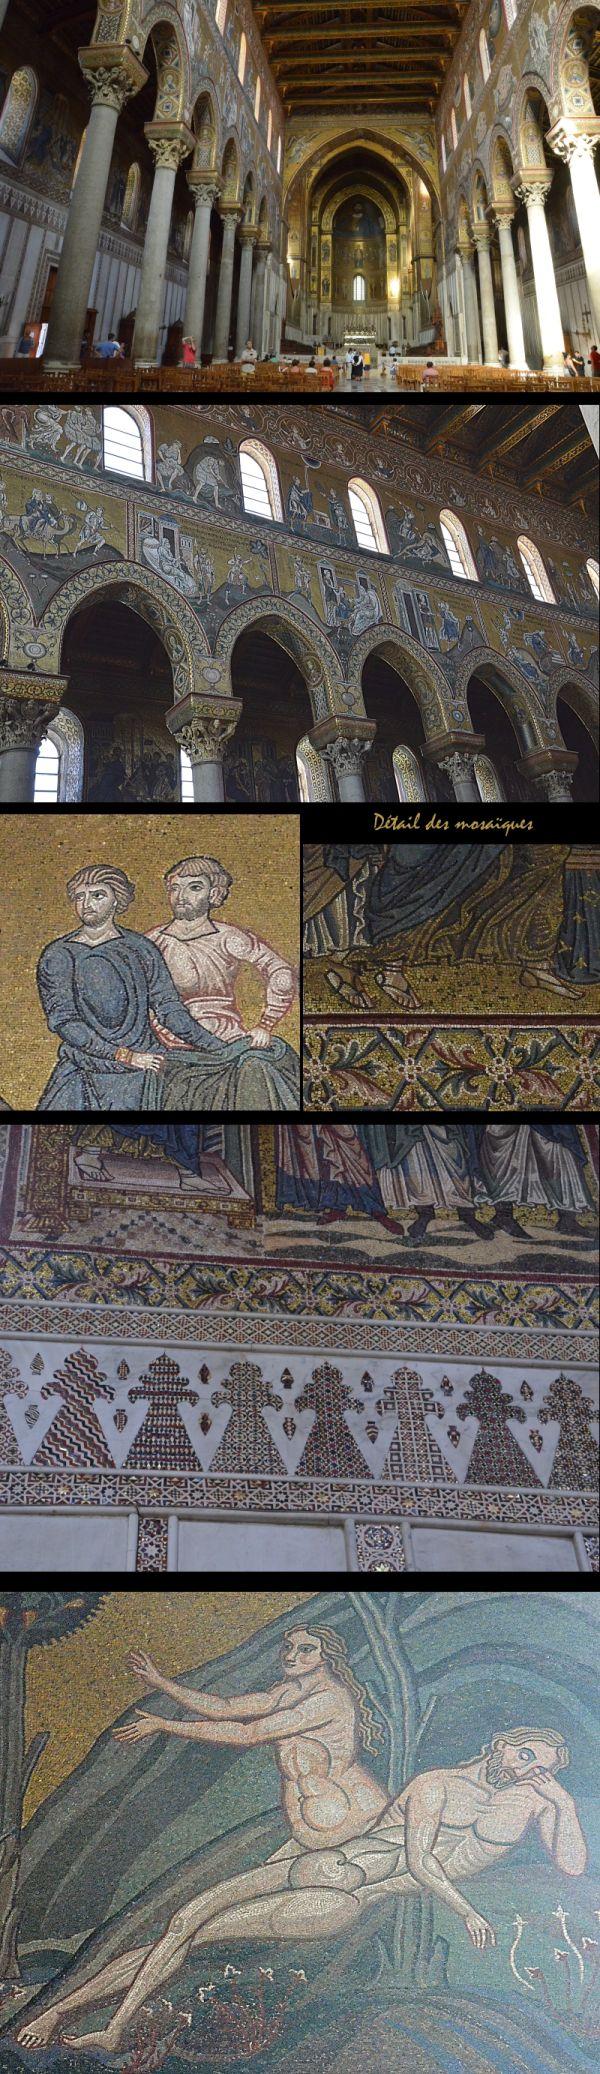 Sicile /4 : cathédrale de Monréale : l'intérieur